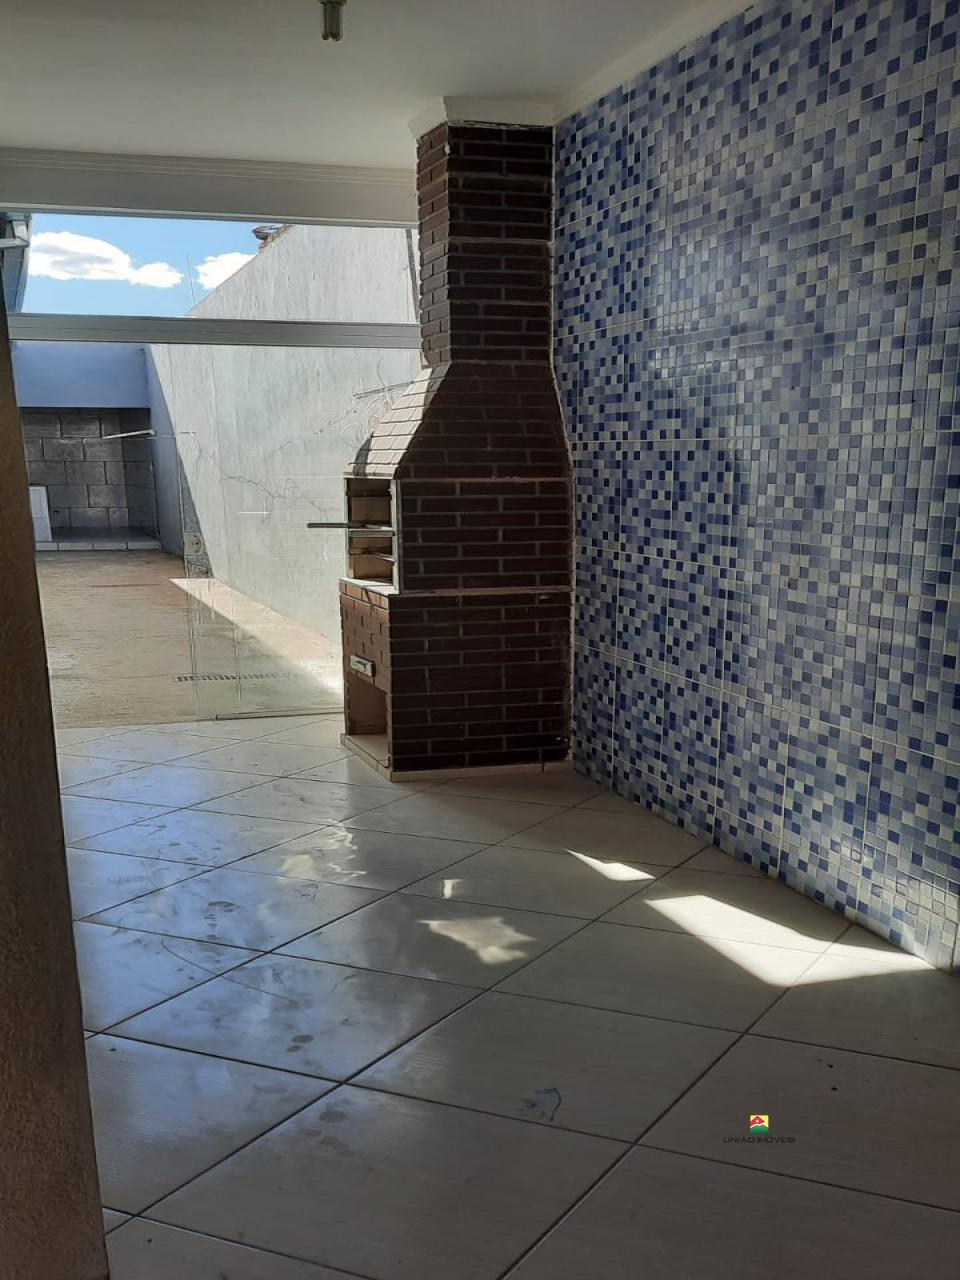 http://www2.sgn2.com.br/clientes/itirapina/vda/v2534a.jpg